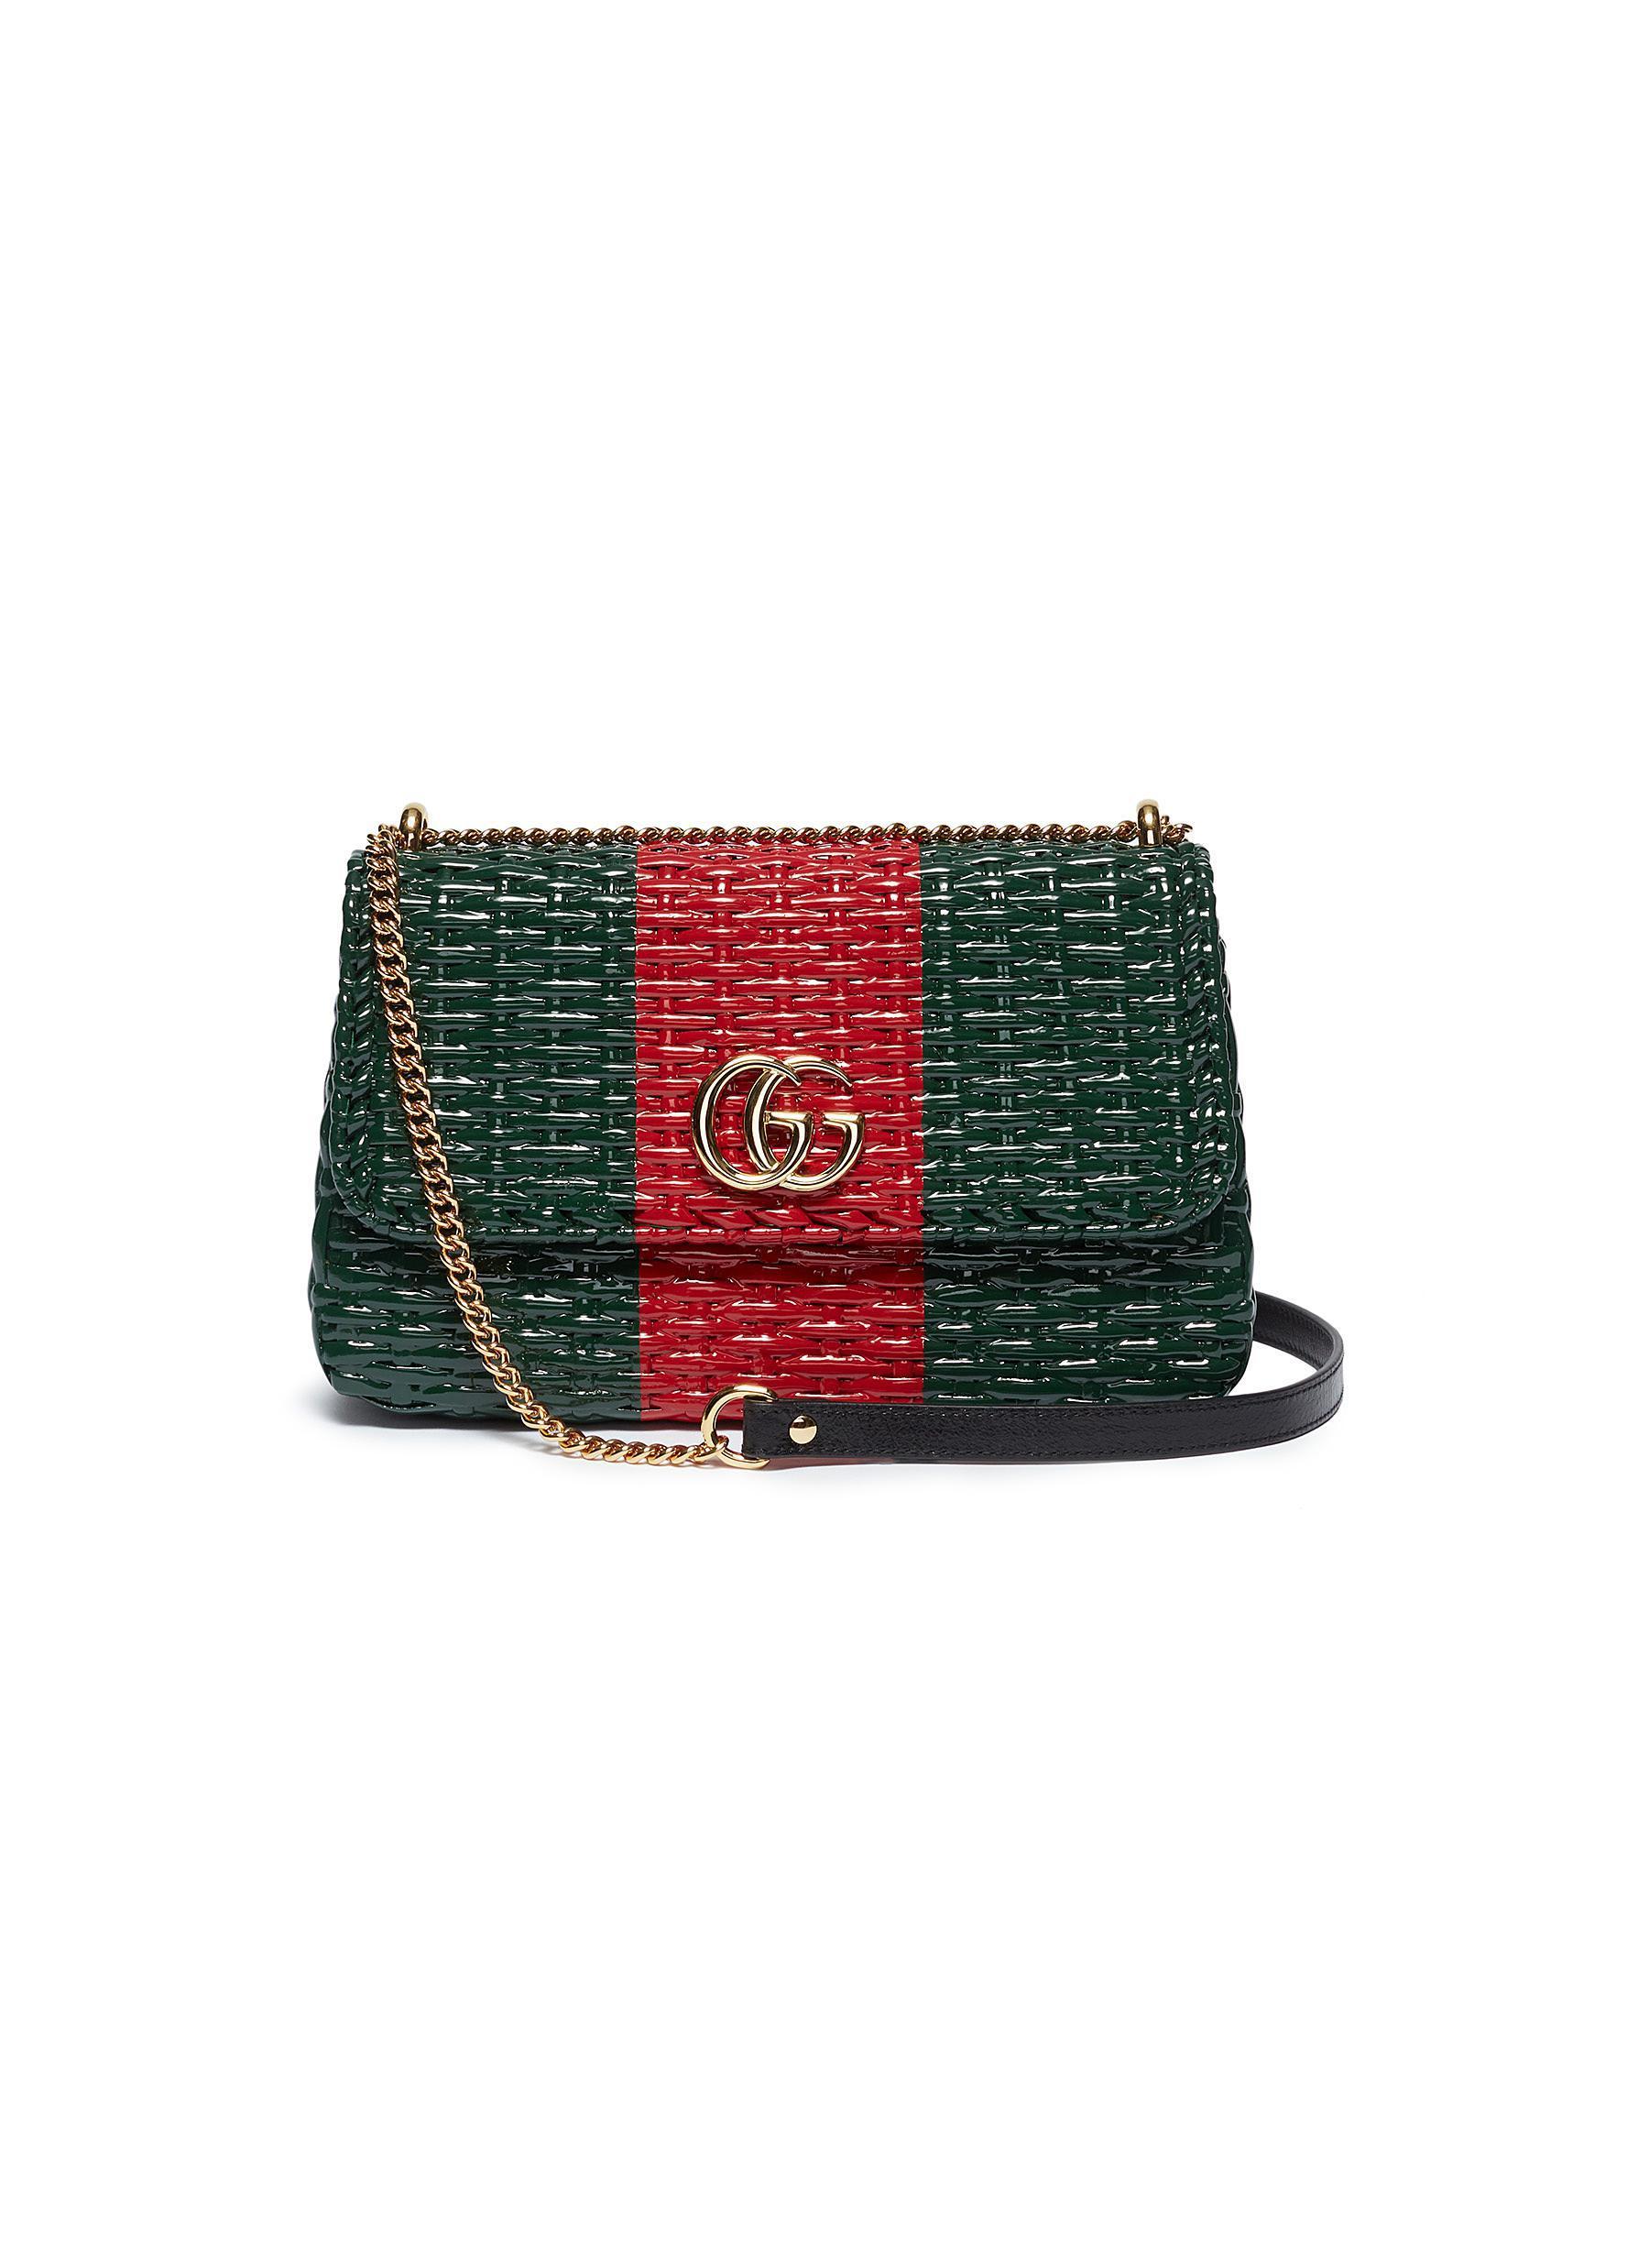 42fa83284cc6 Gucci 'cestino' Web Stripe Woven Wicker Small Crossbody Bag - Lyst